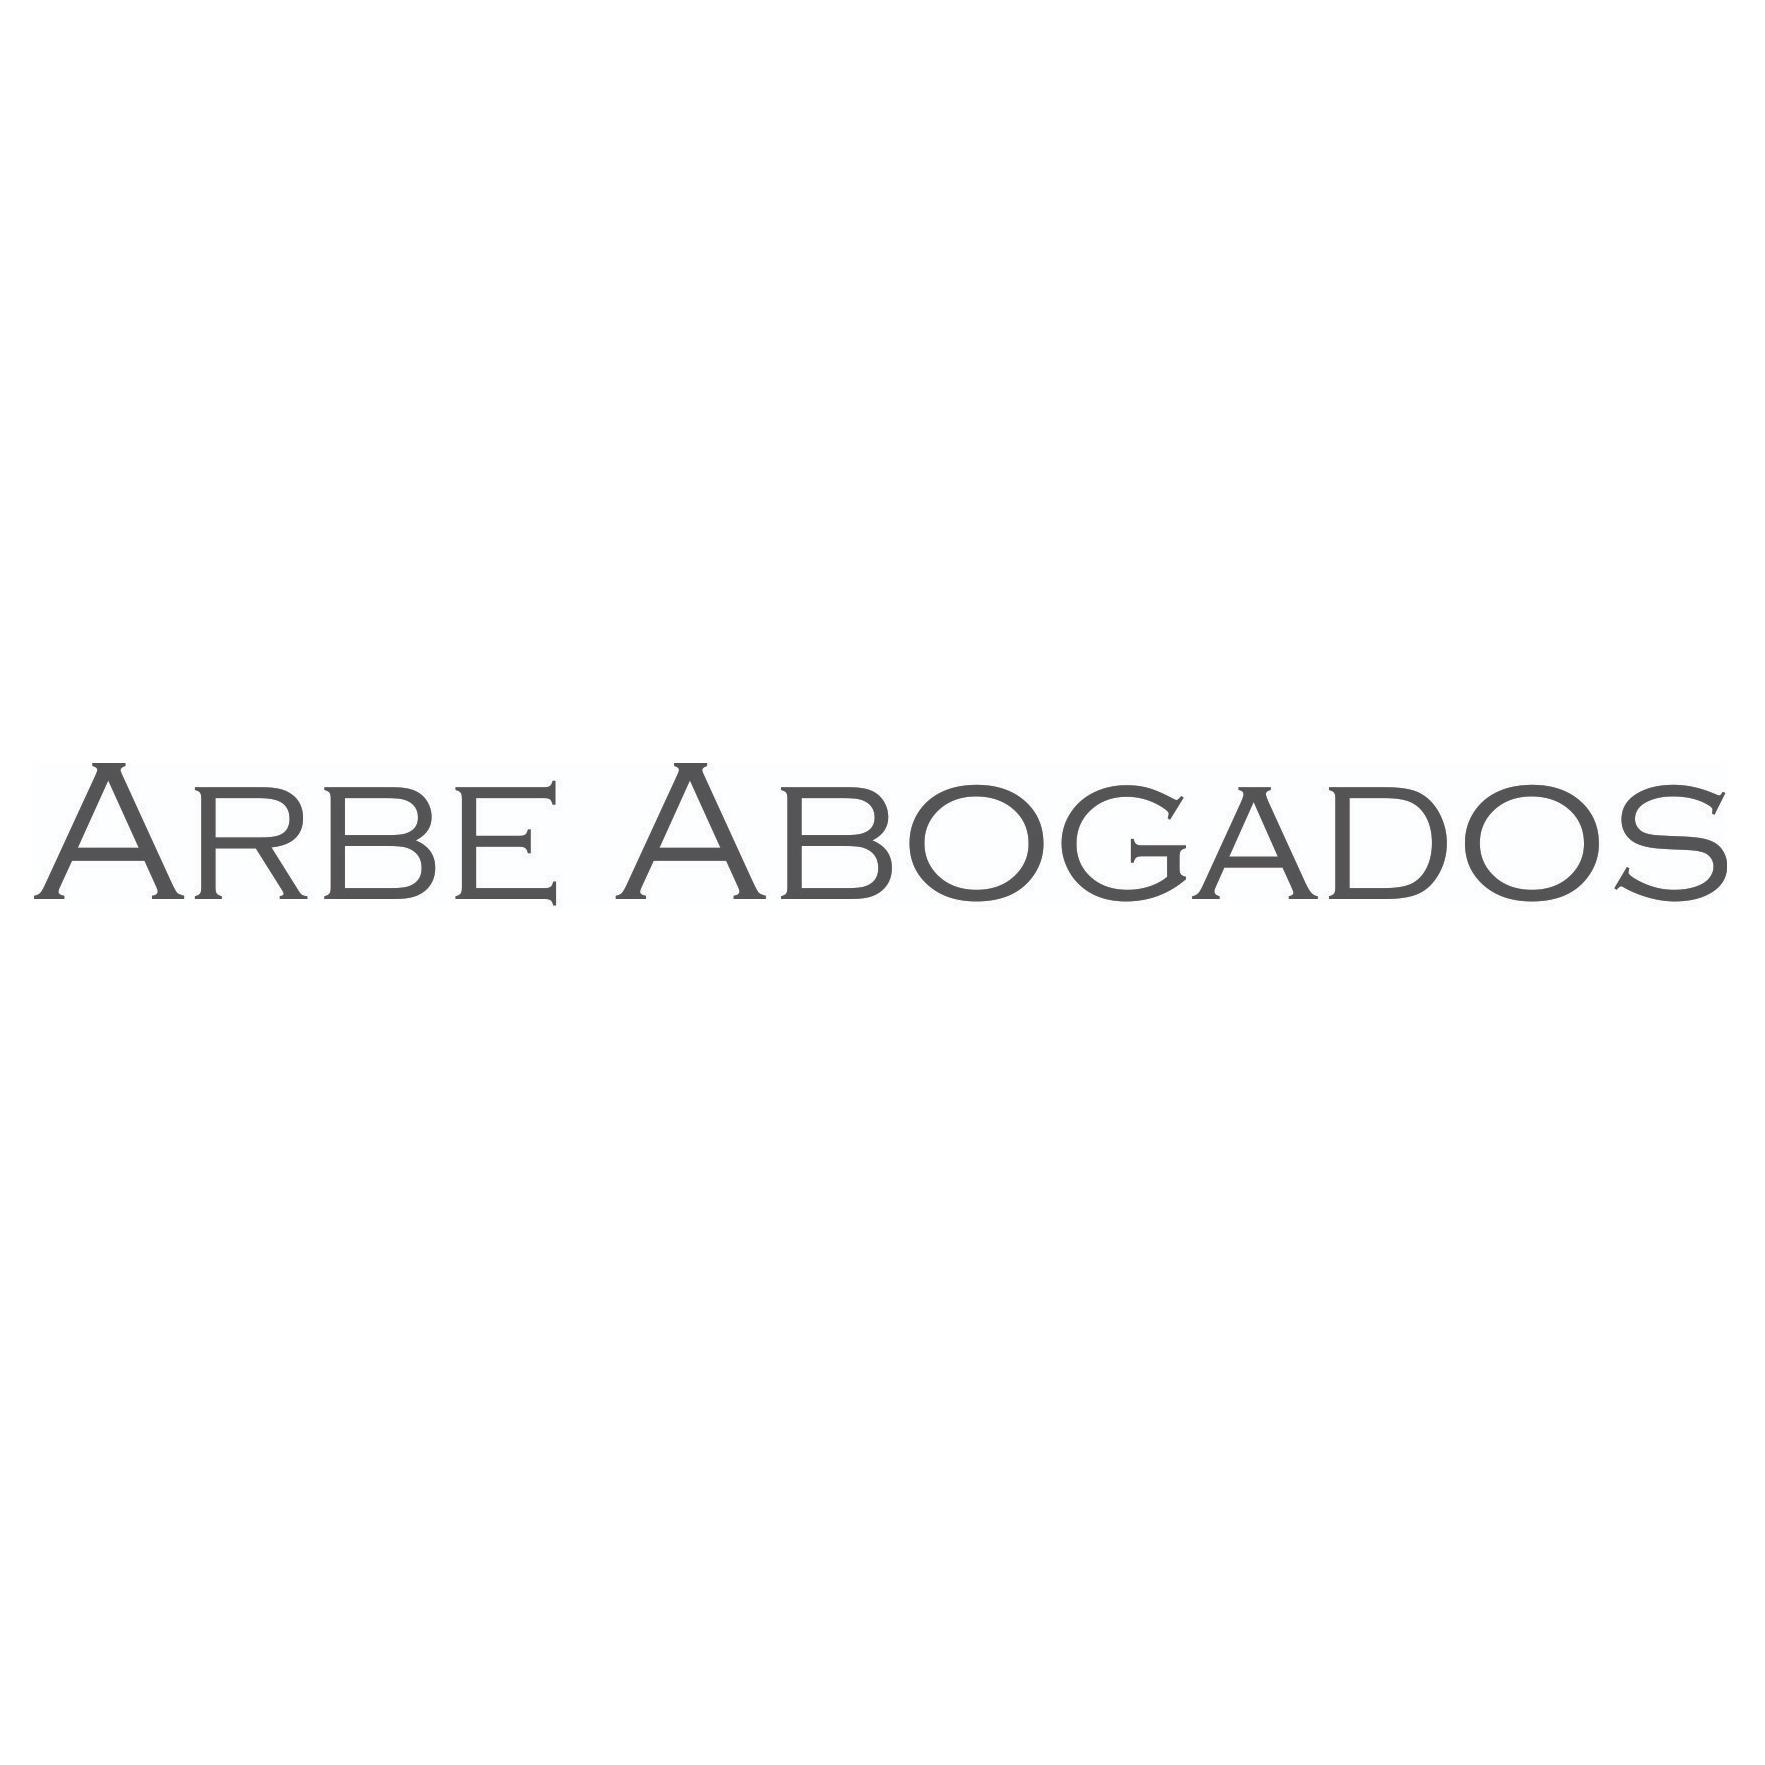 the Arbe Abogados logo.